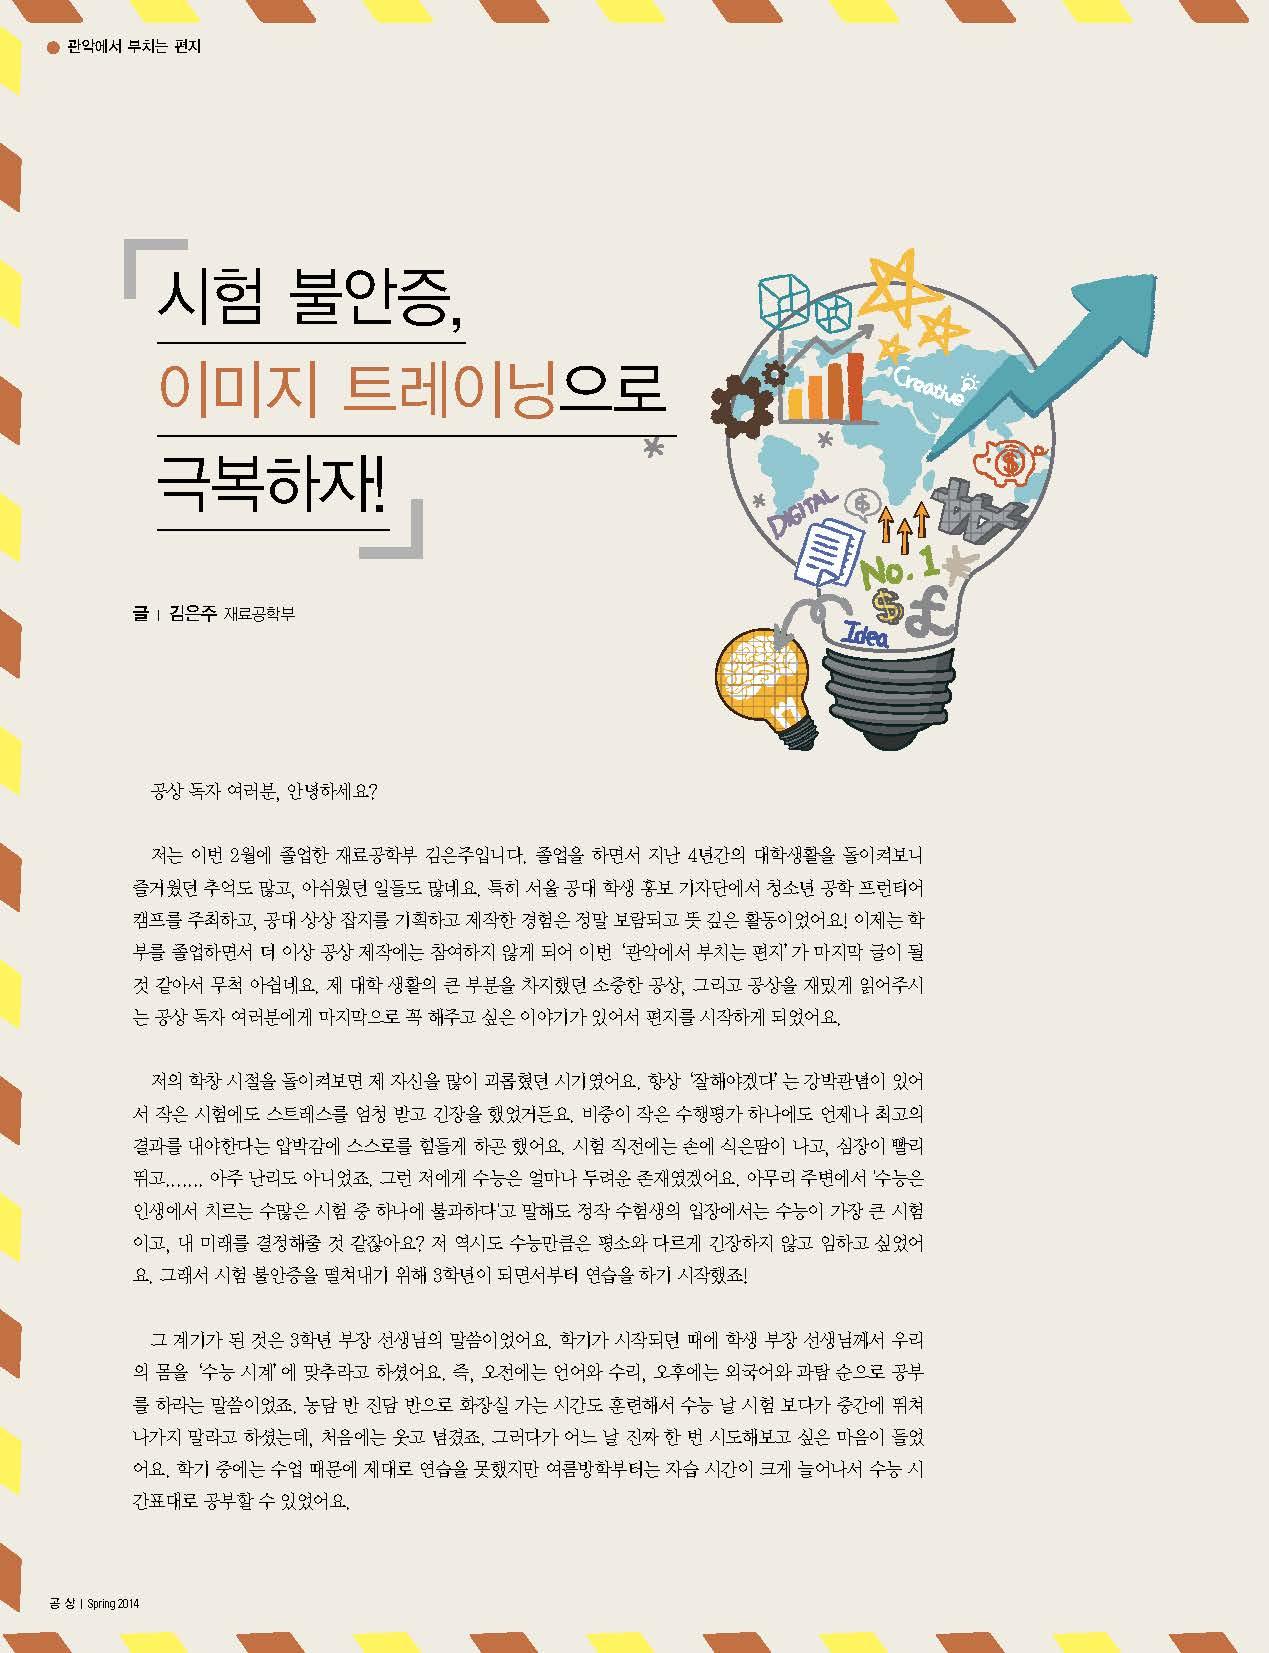 공상7호-최종본(0318)_페이지_50.jpg